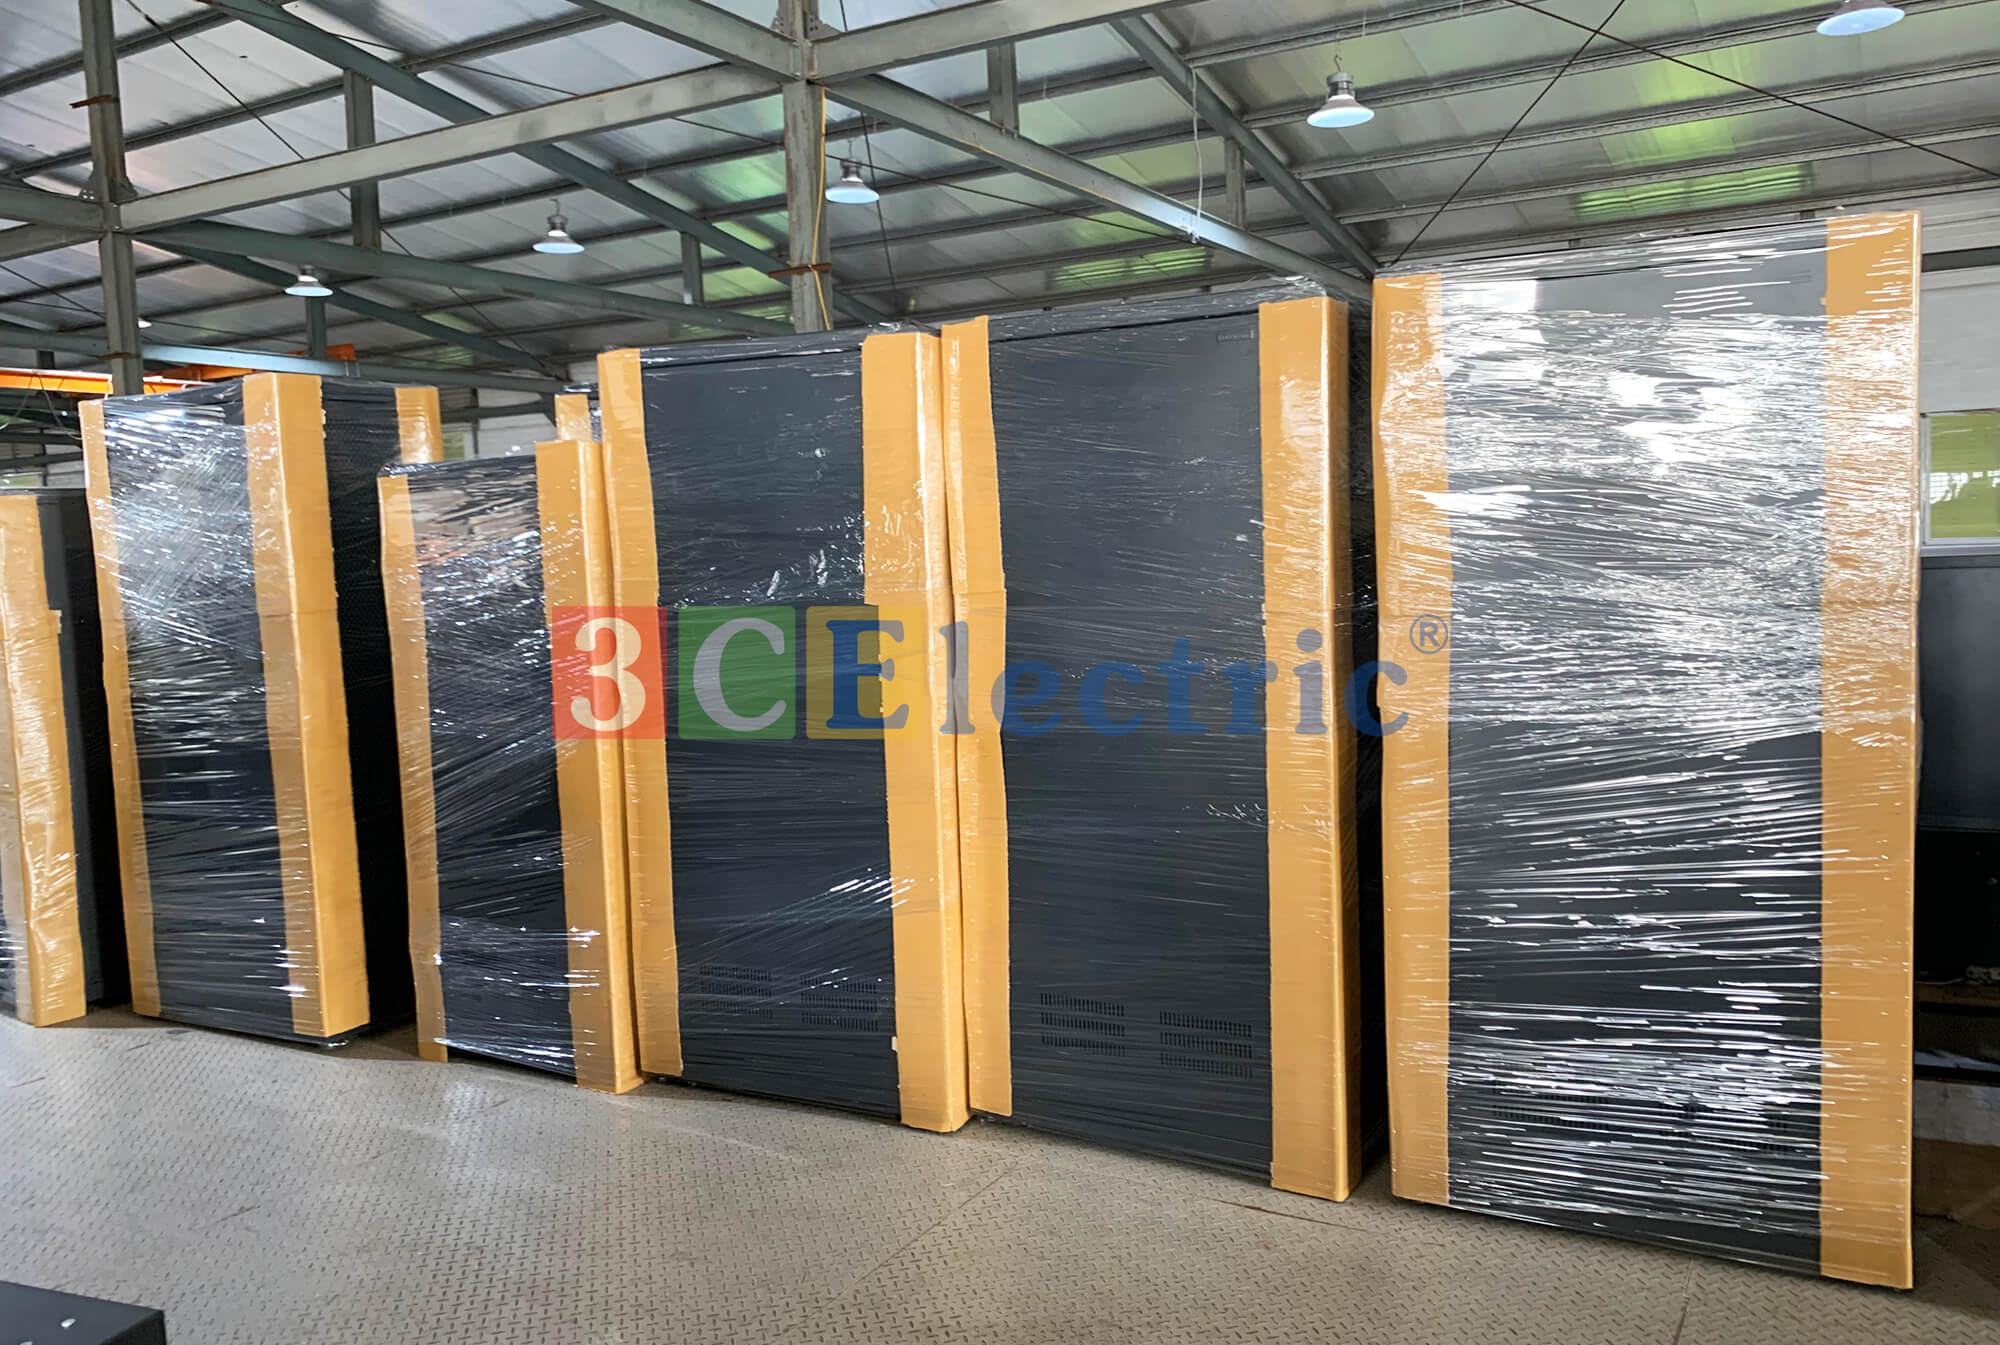 Lô tủ rack sever đang được chuẩn bị bàn giao tới khách hàng